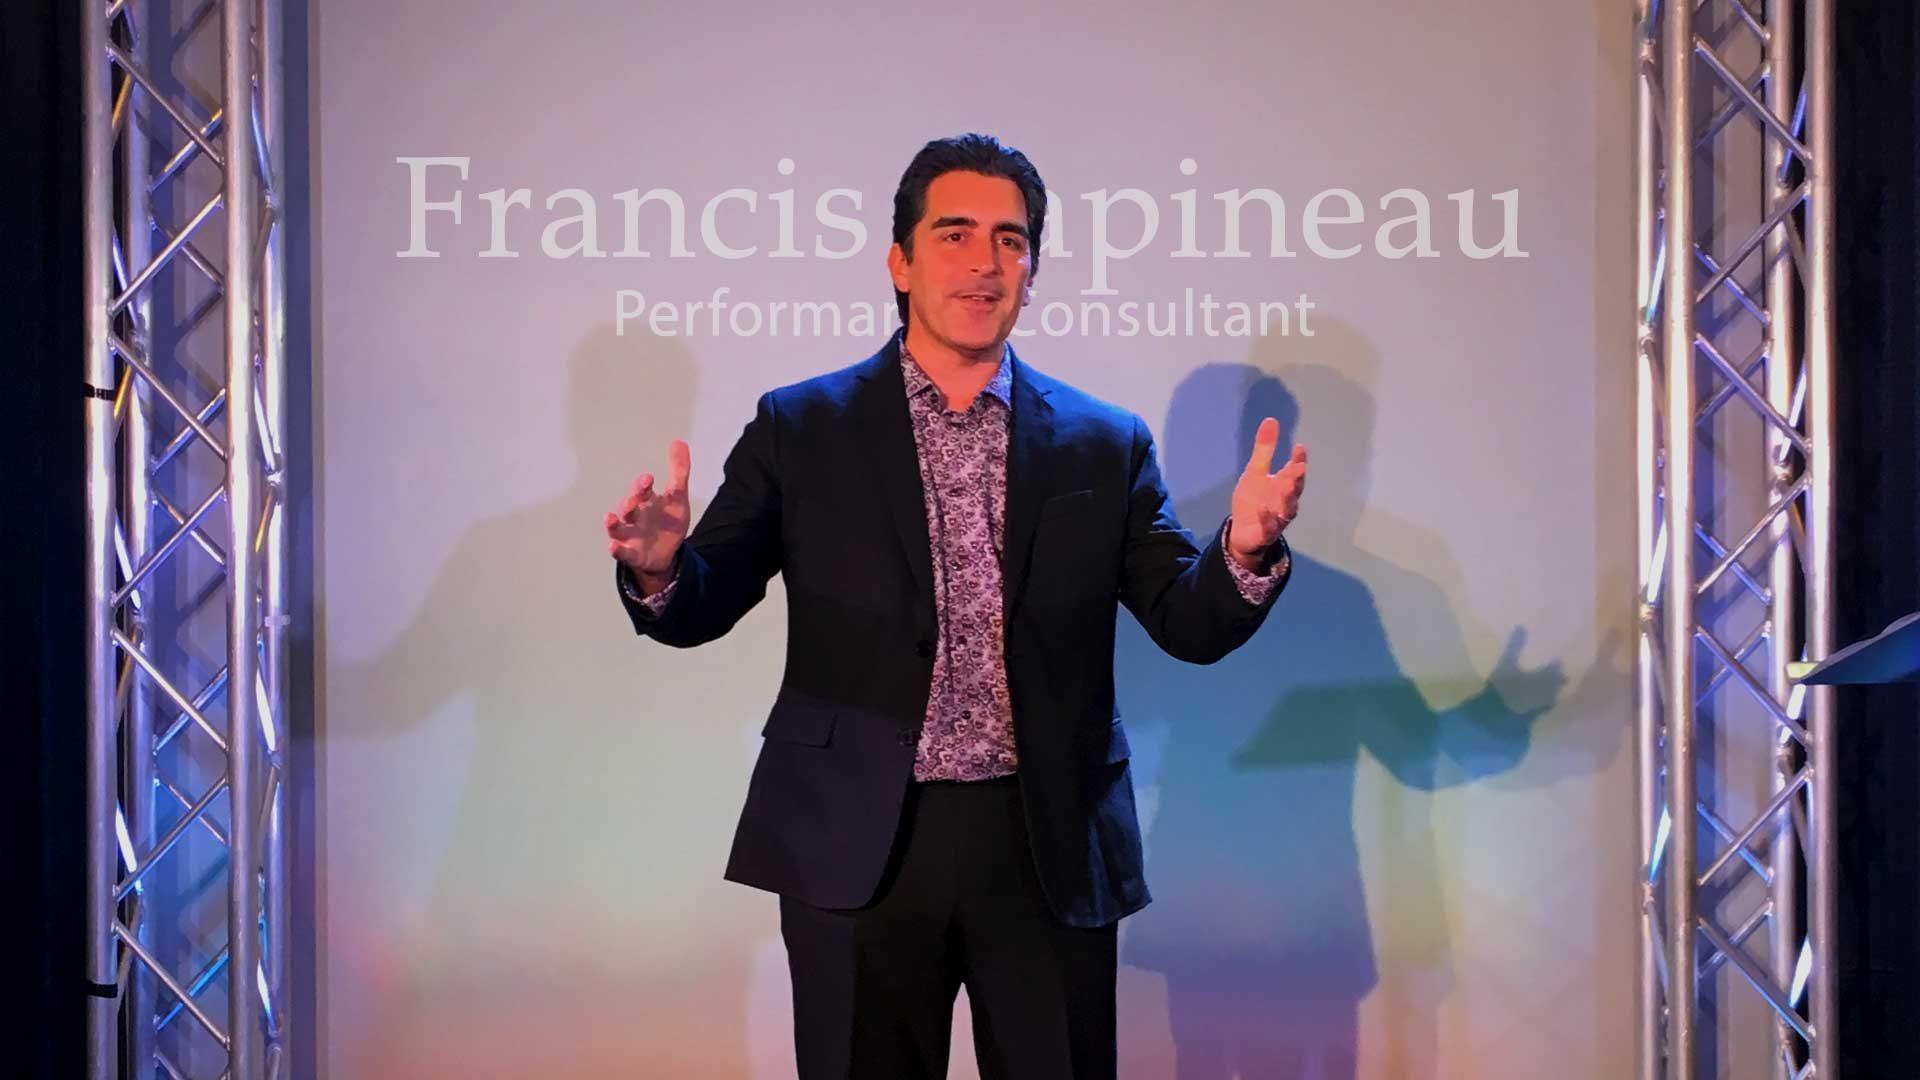 Francis Papineau